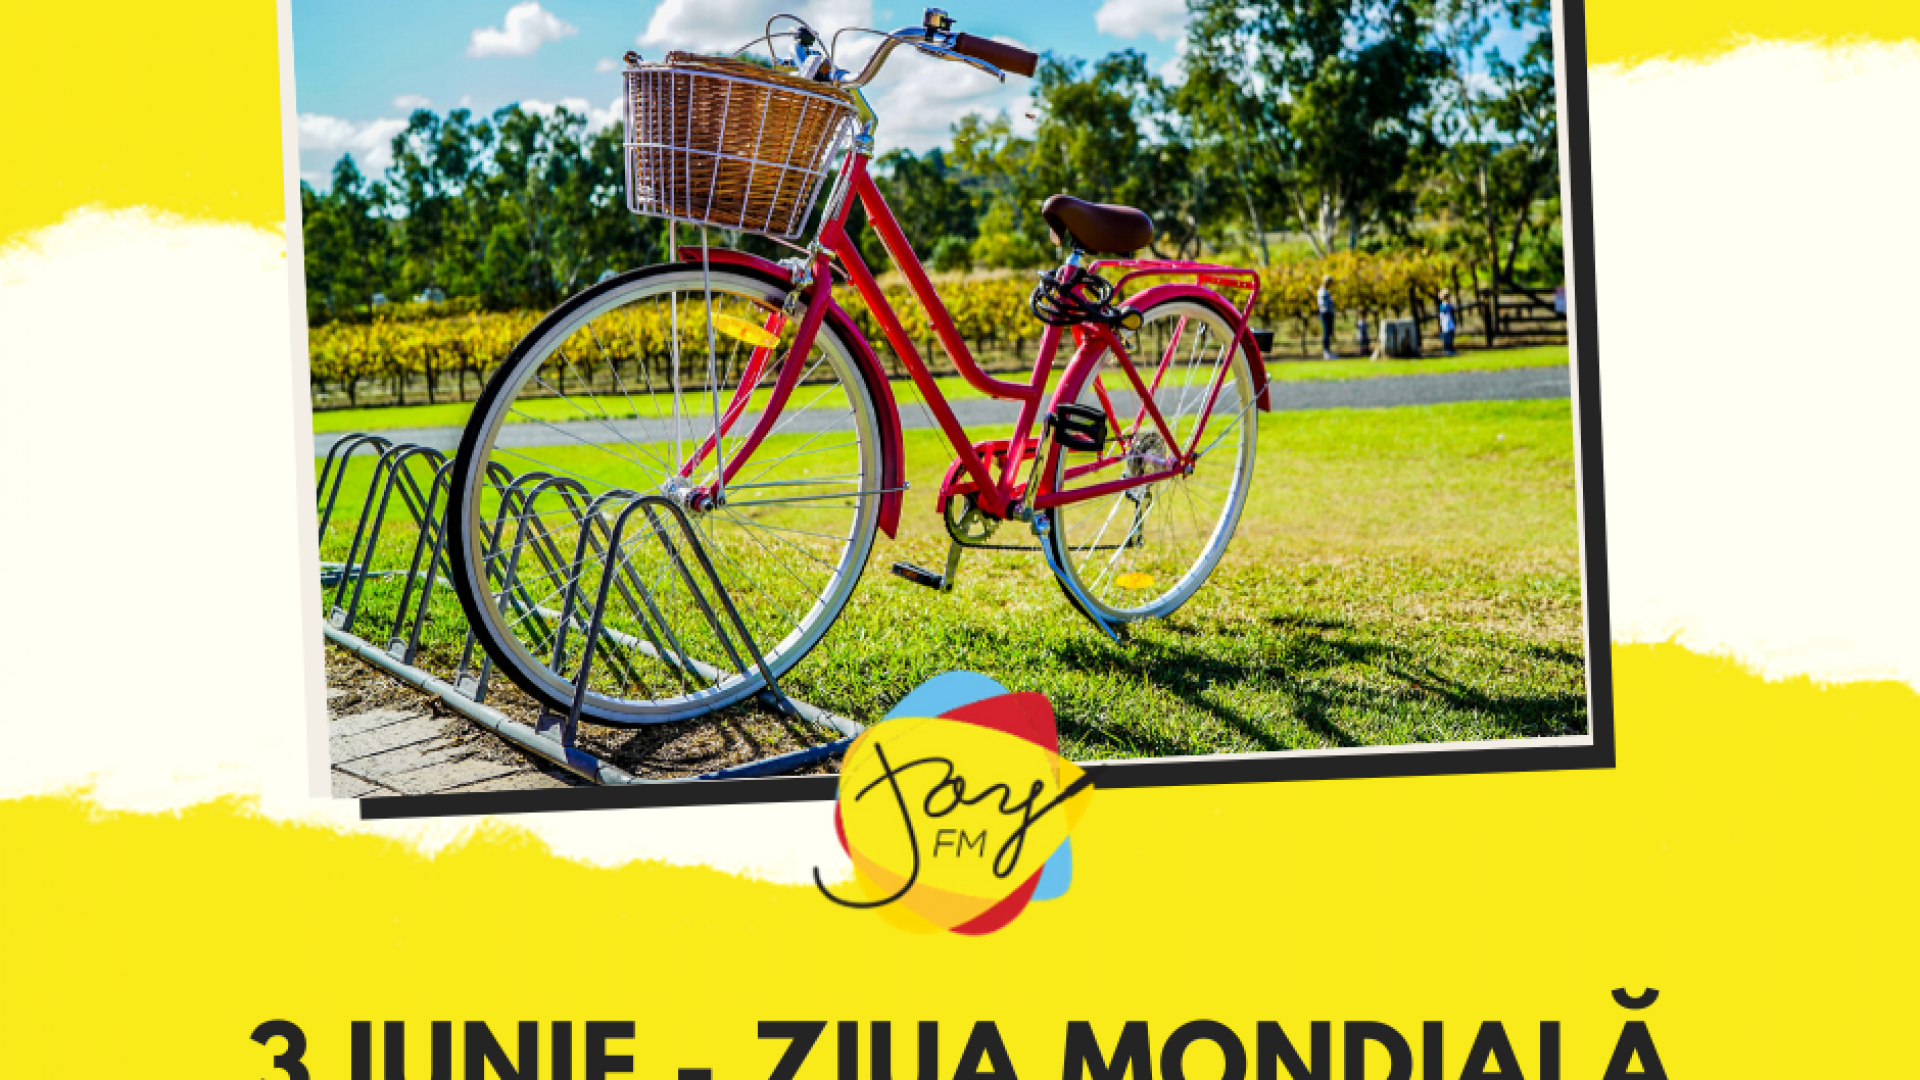 Ziua mondială a bicicletei (ONU)